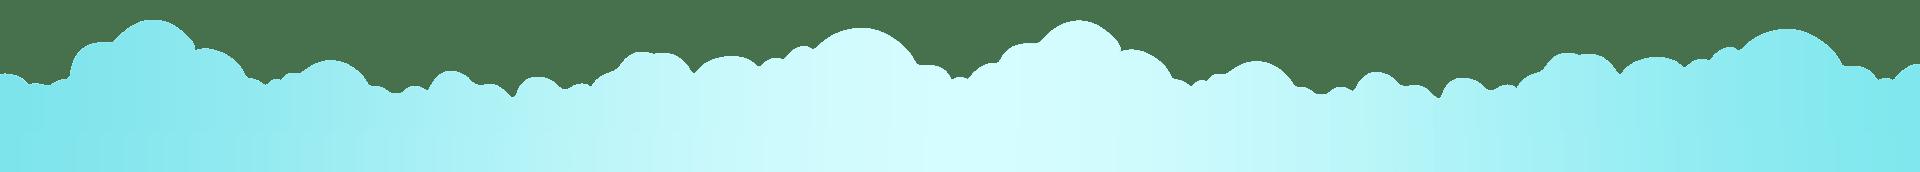 footer divider